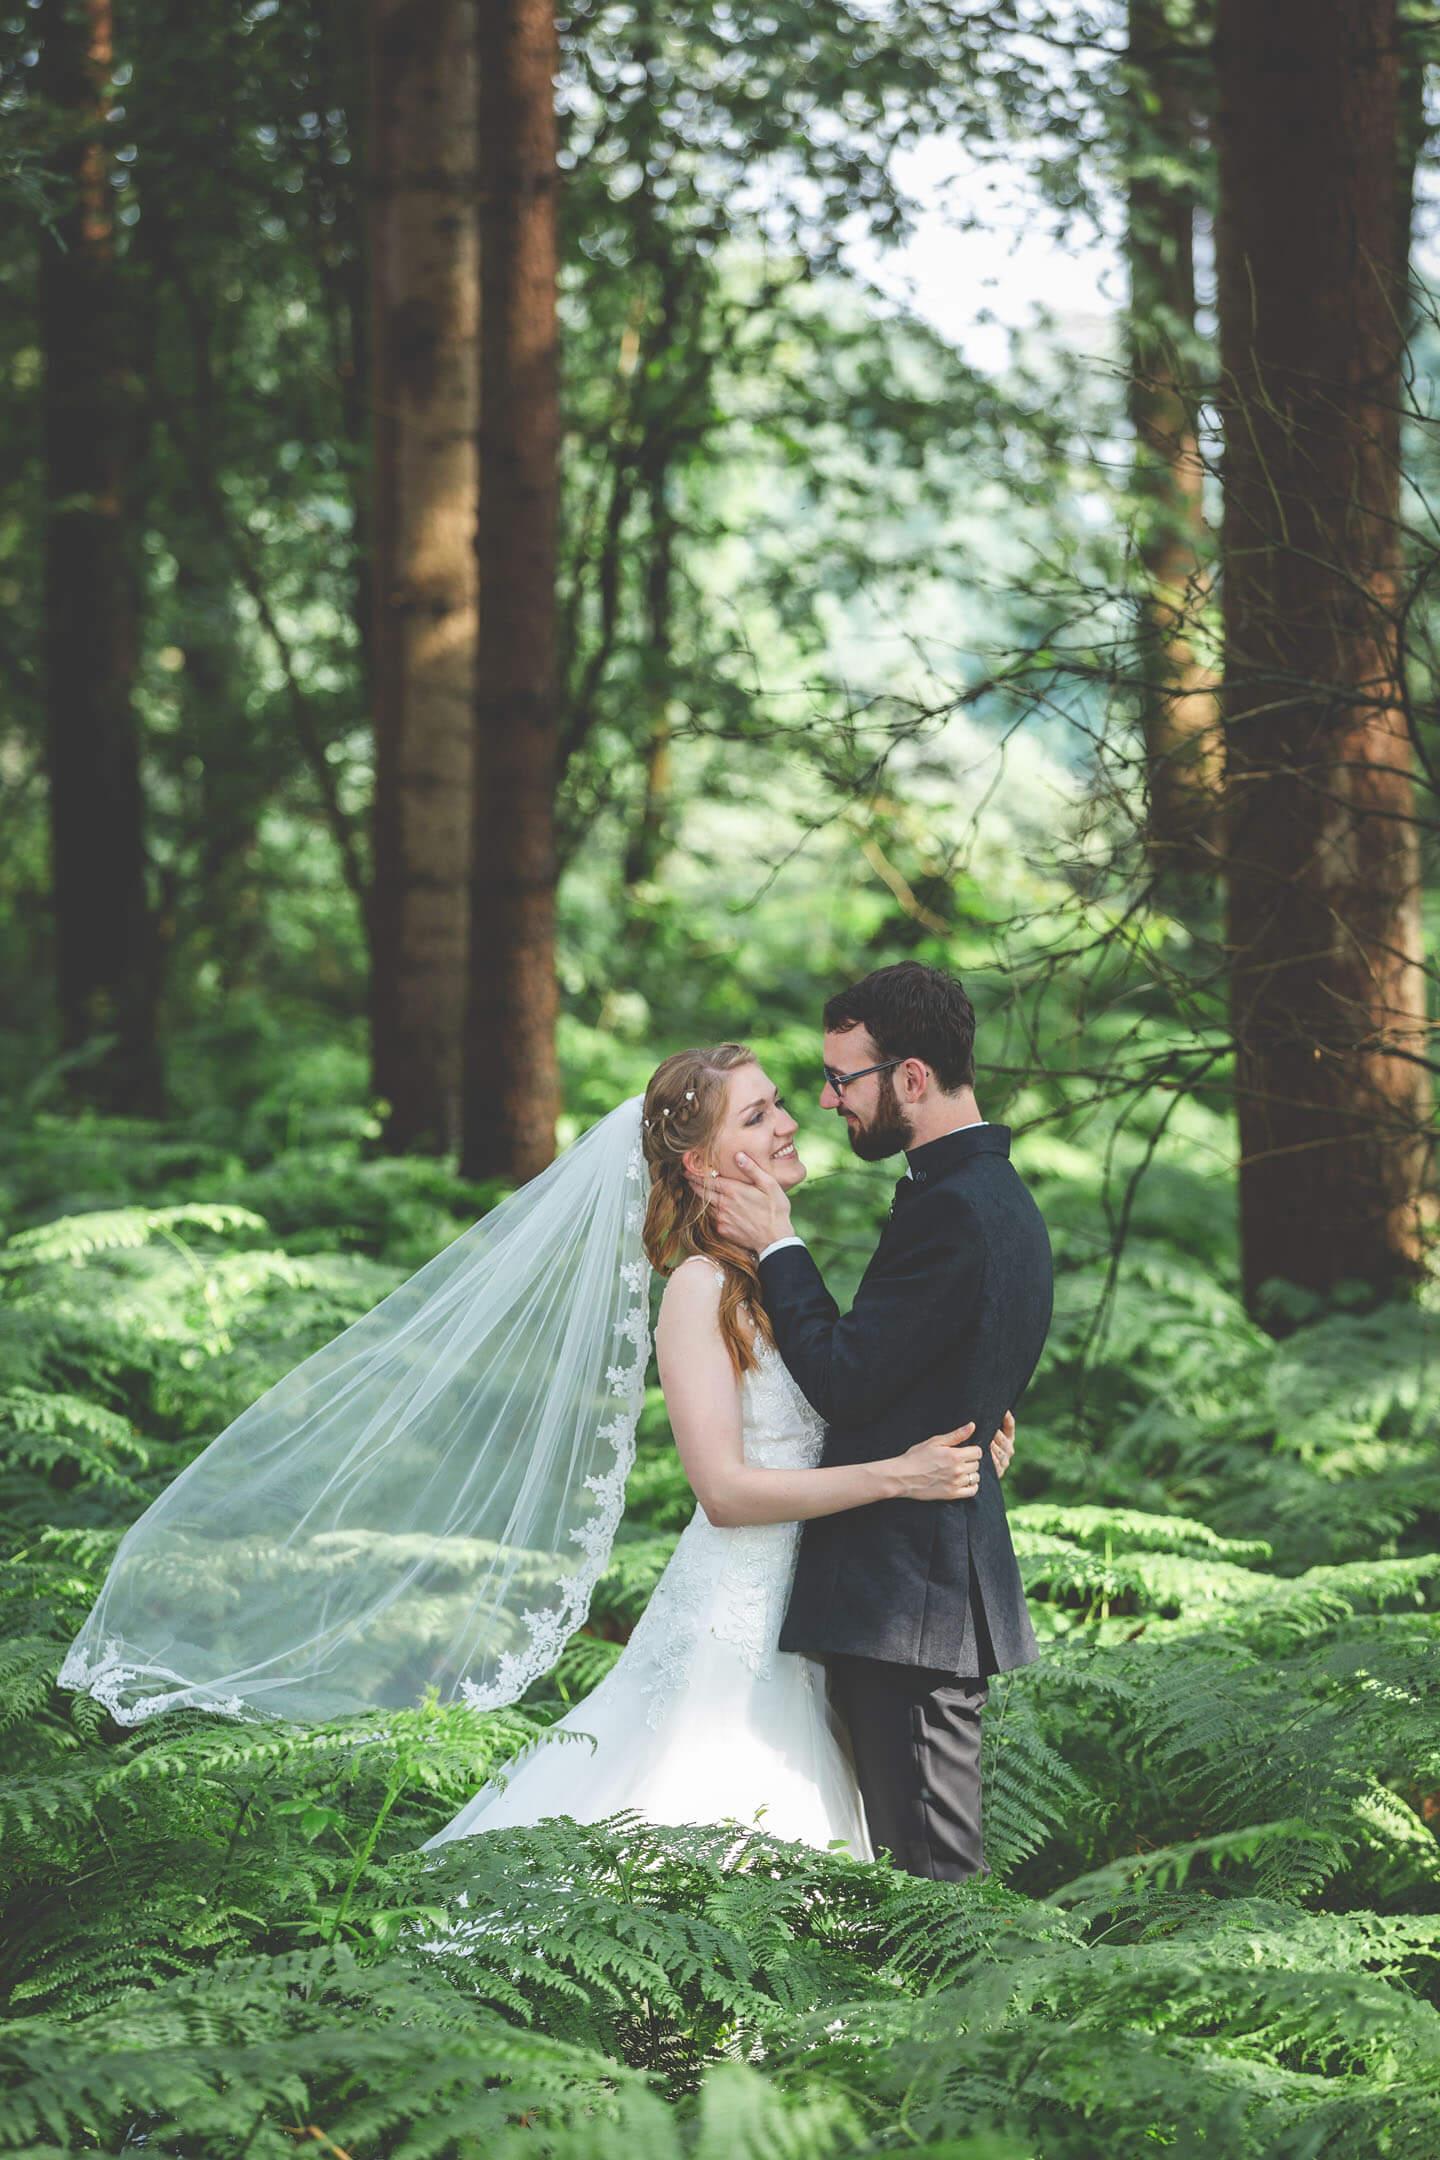 Hochzeitsfoto zwischen Farnen im Wald. Foto: Florian Läufer